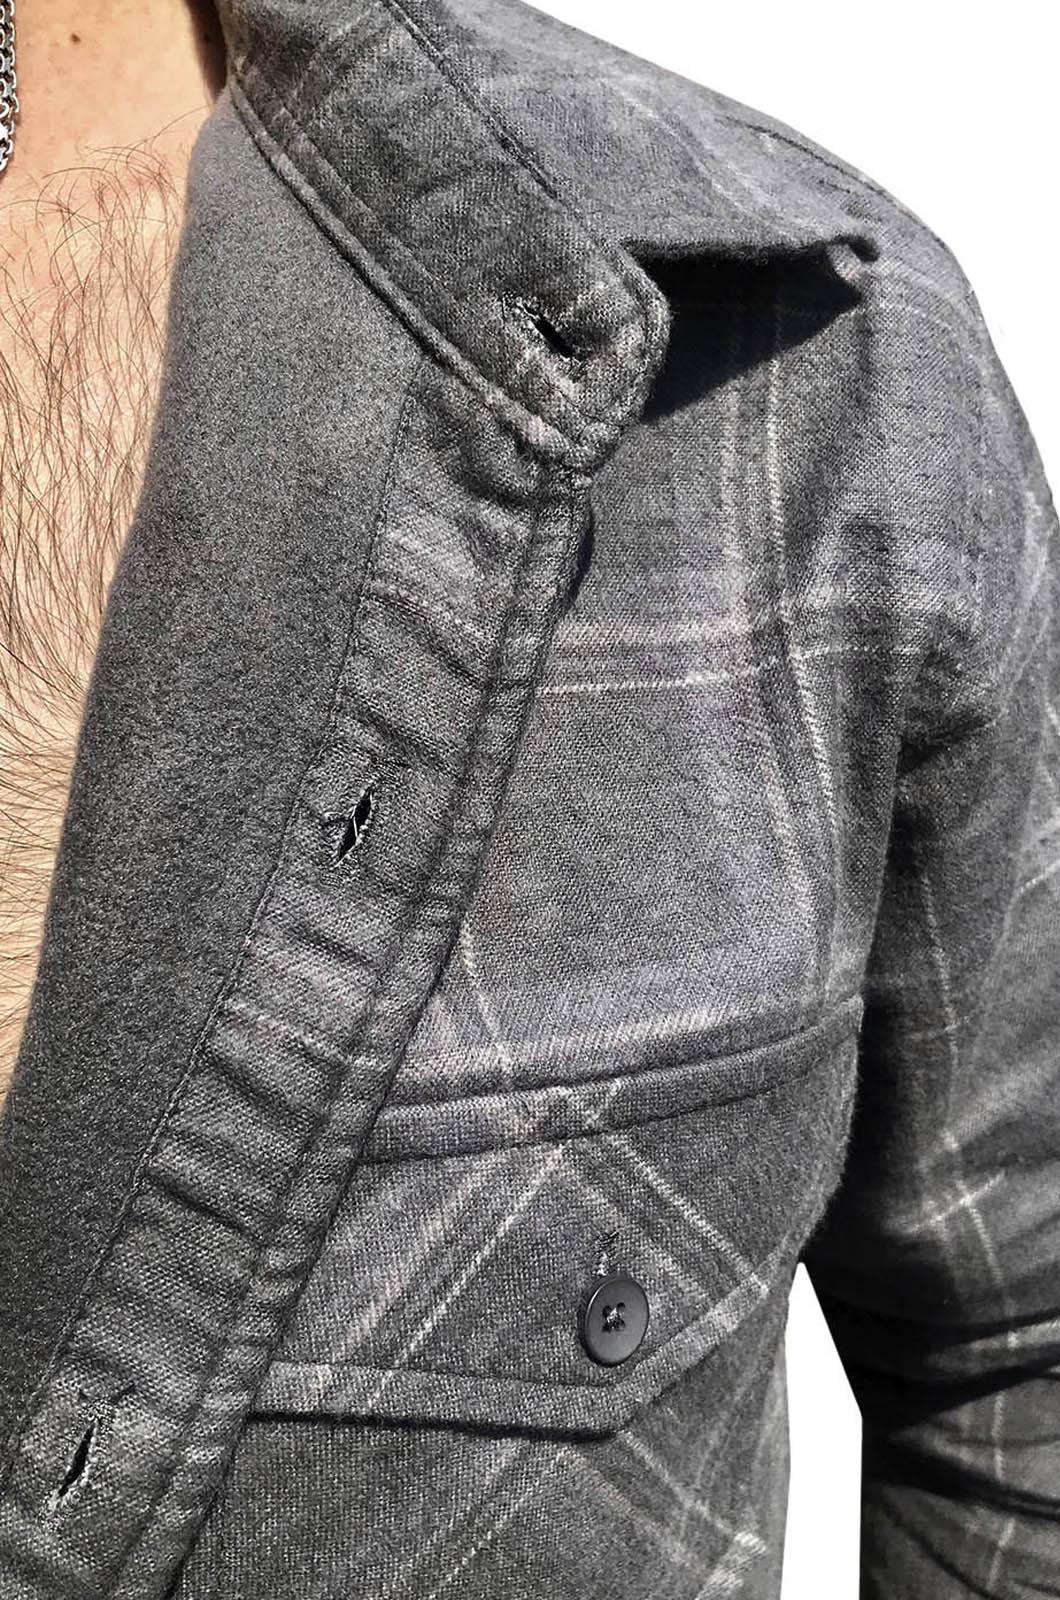 Фирменная клетчатая рубашка с вышитым шевроном Спецназ ВВ РФ - купить с доставкой